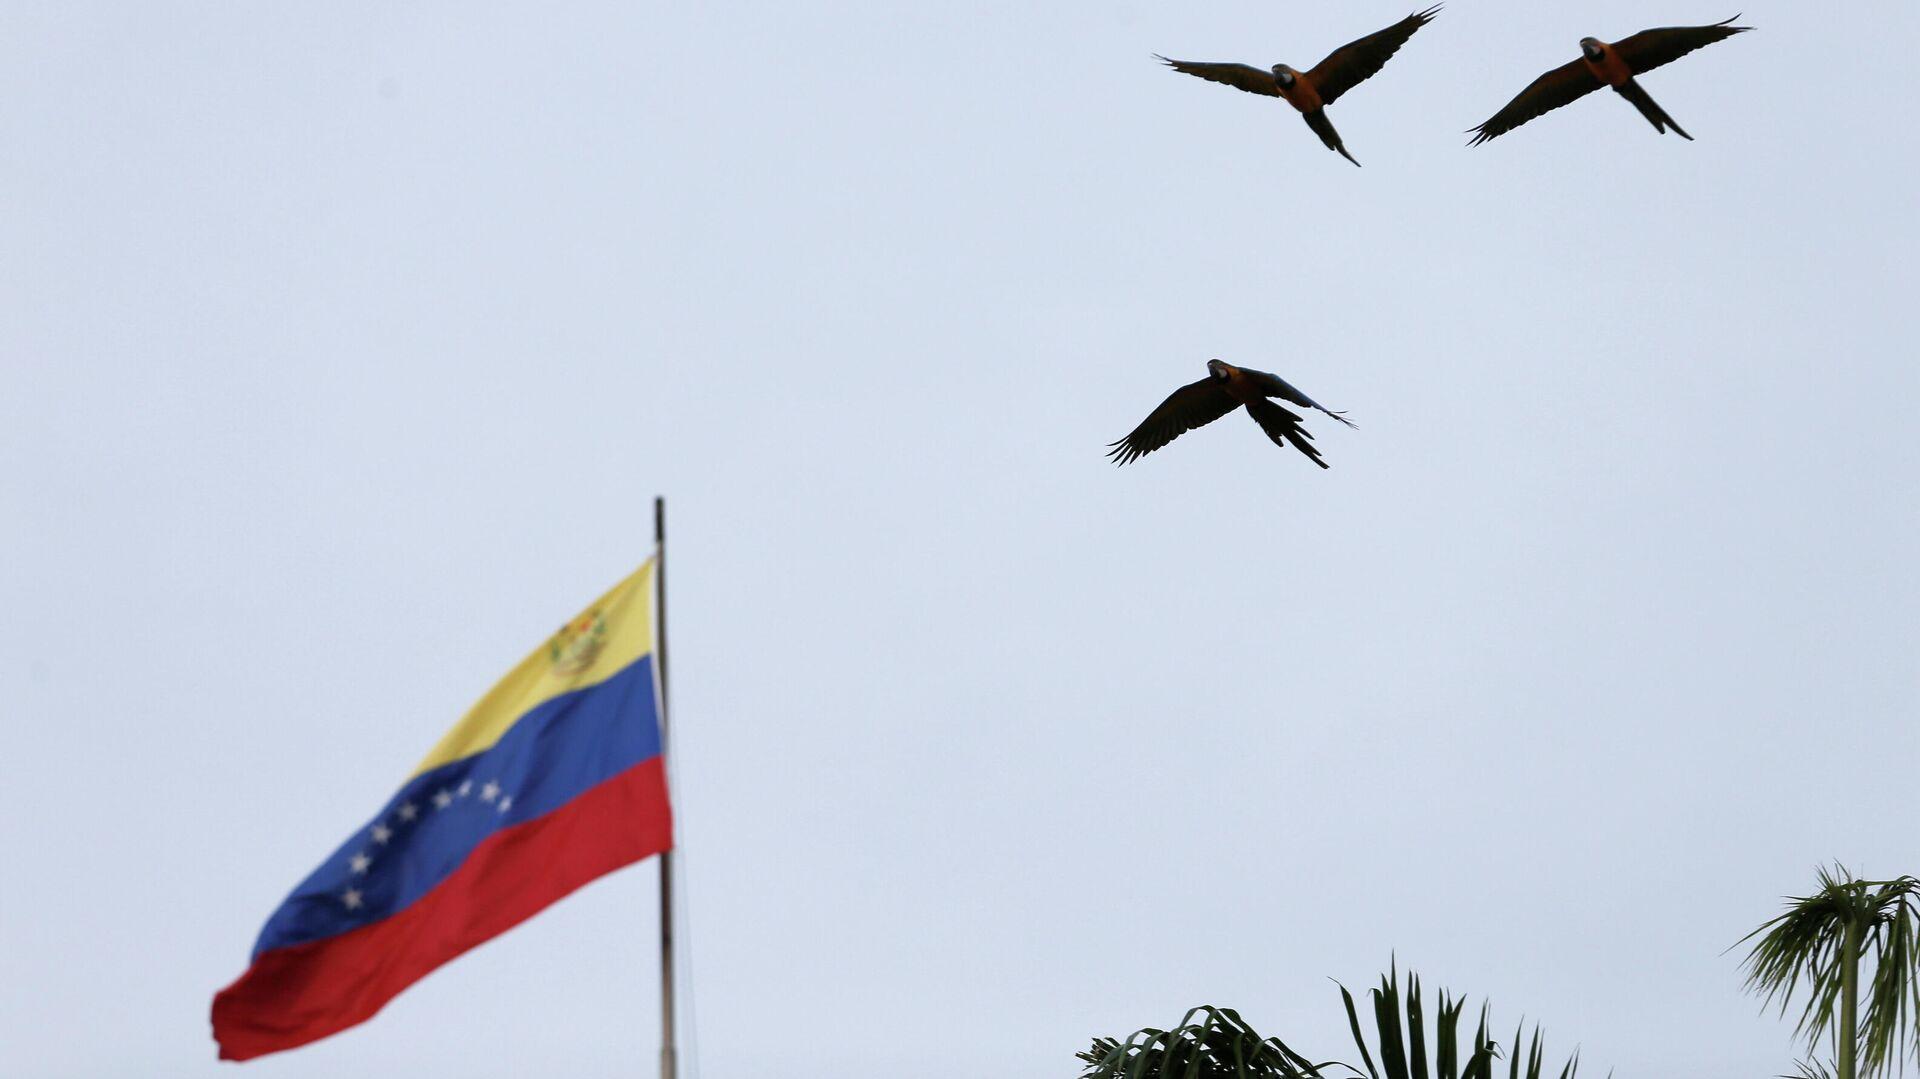 La bandera de Venezuela - Sputnik Mundo, 1920, 11.02.2021